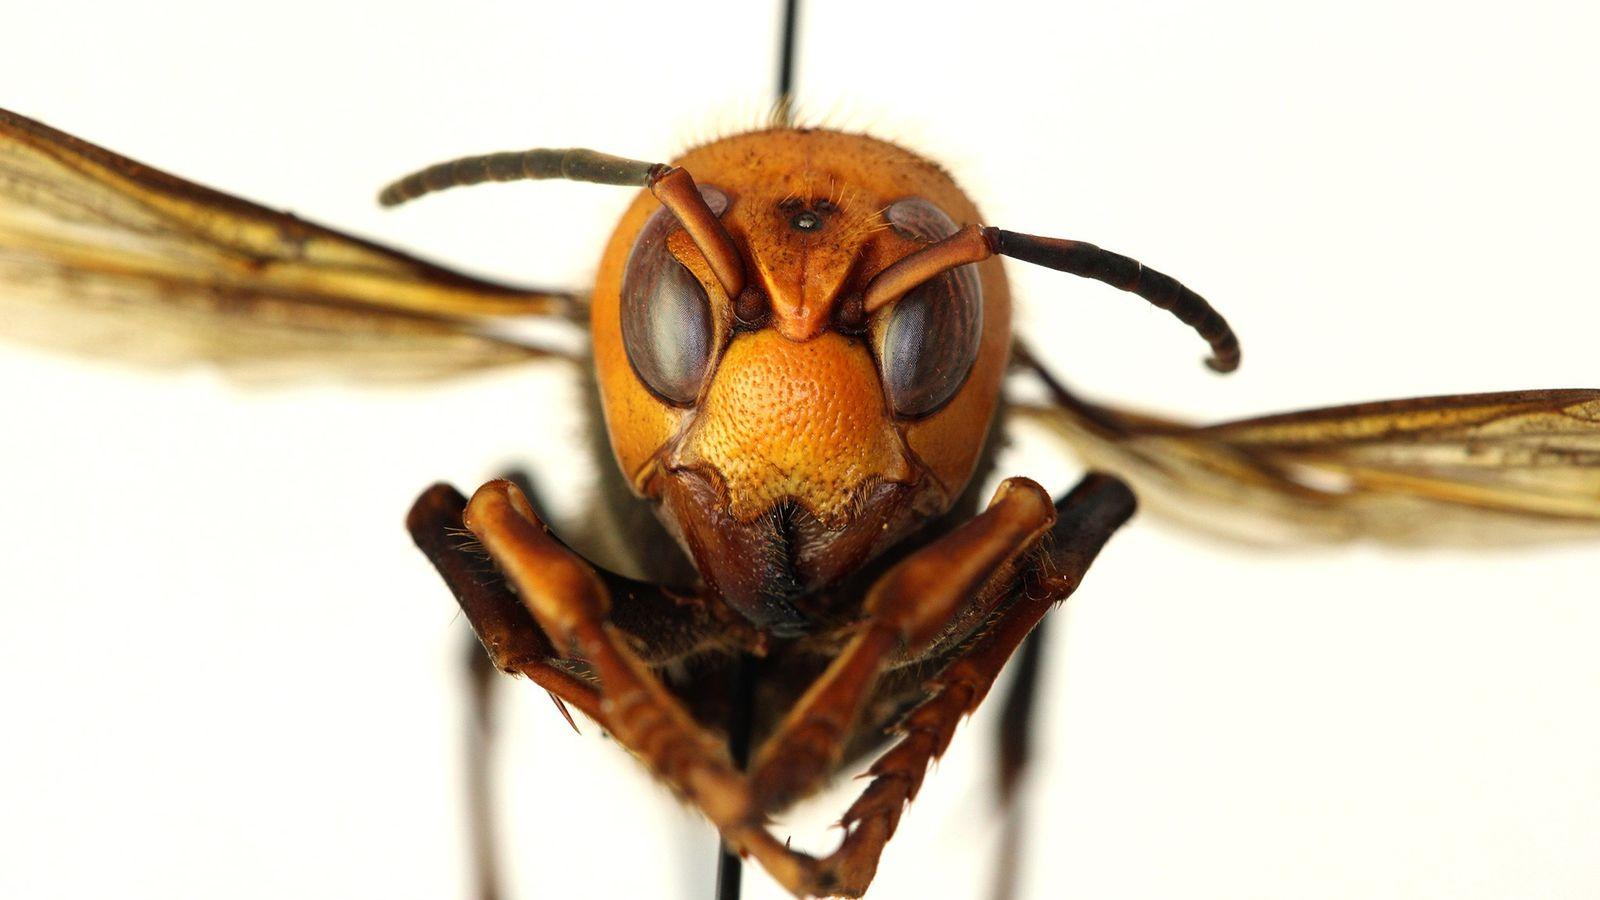 Avispones gigantes asiáticos, las avispas más grandes del mundo, han sido vistos en el estado de ...